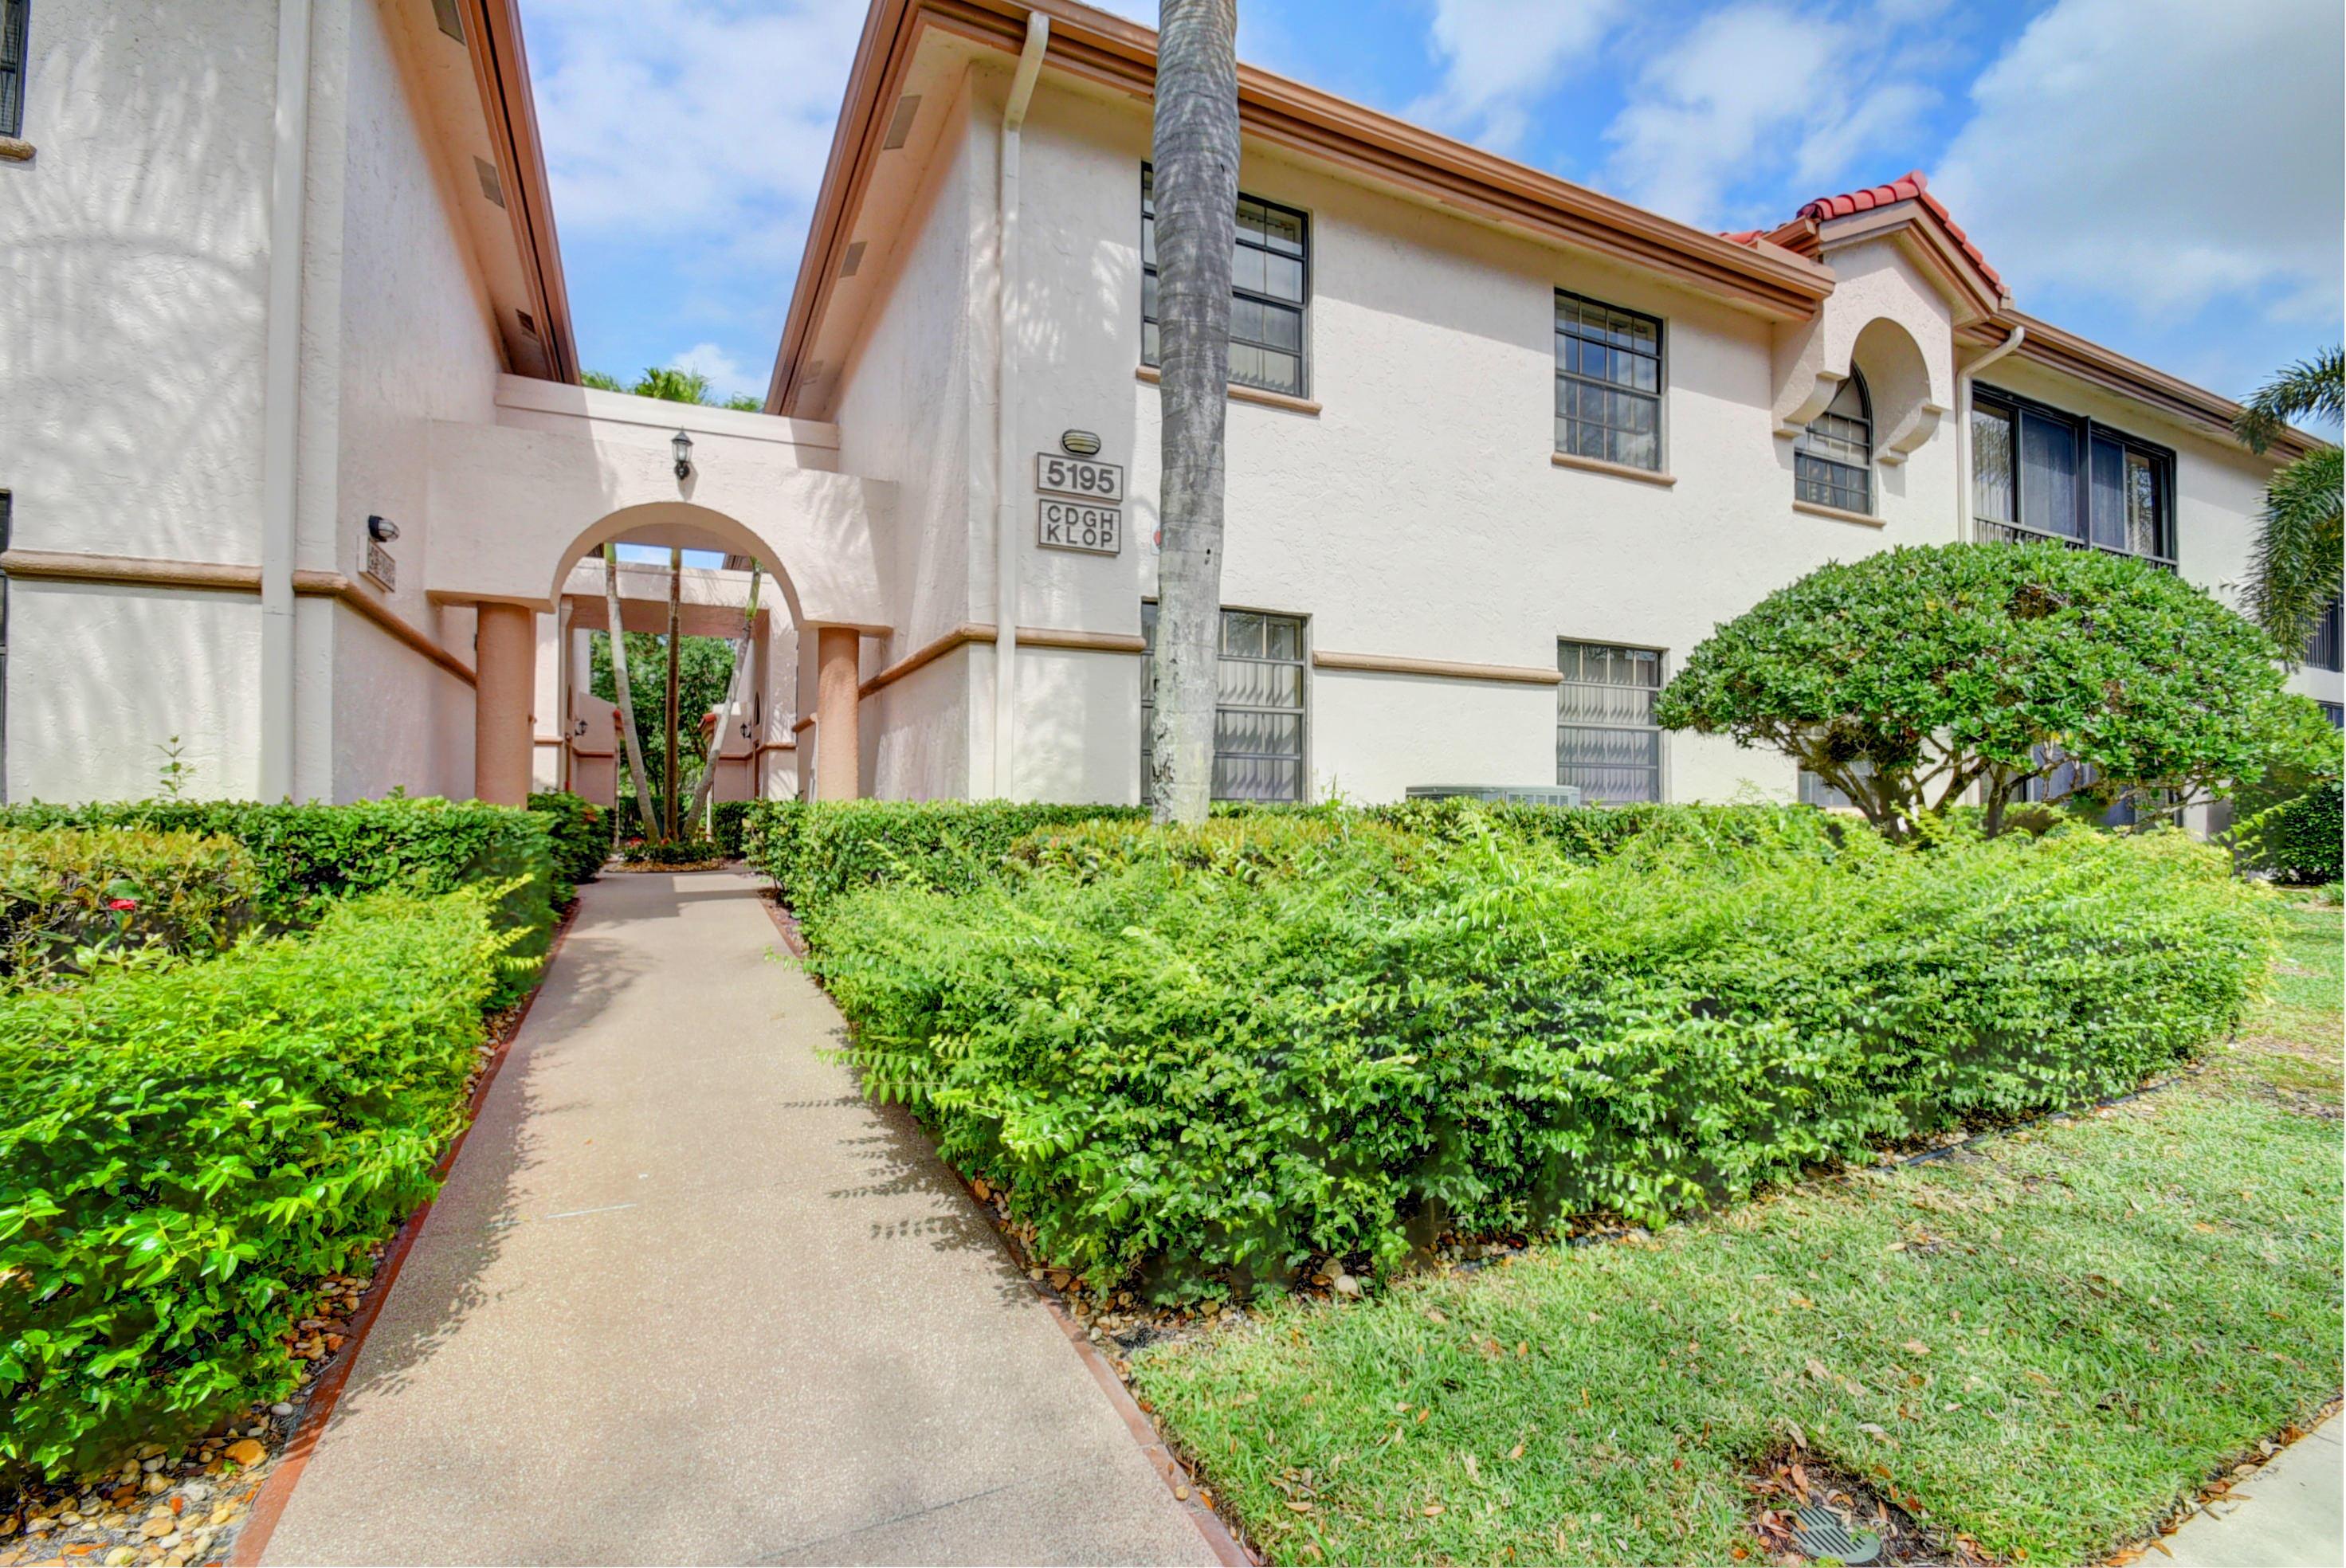 PLATINA DIAMANTE VILLAGE CONDS A-D home 5195 Europa Drive Boynton Beach FL 33437